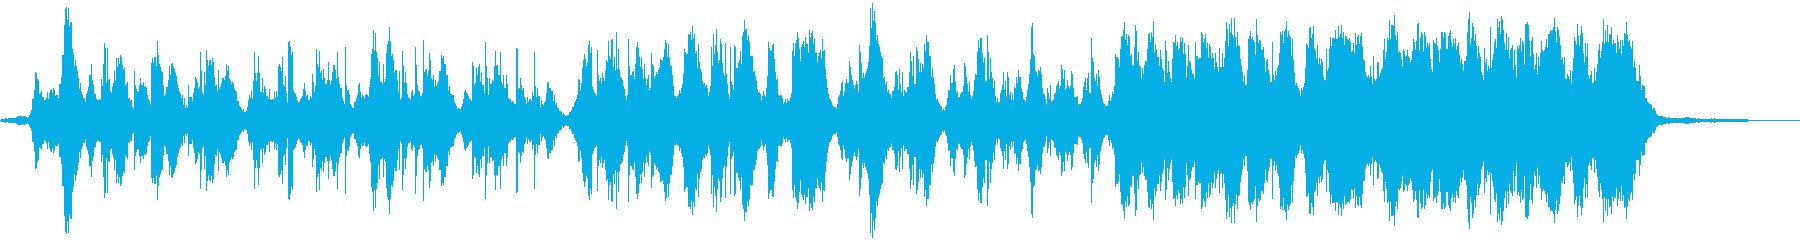 アンビエント 説明的 クール ad...の再生済みの波形